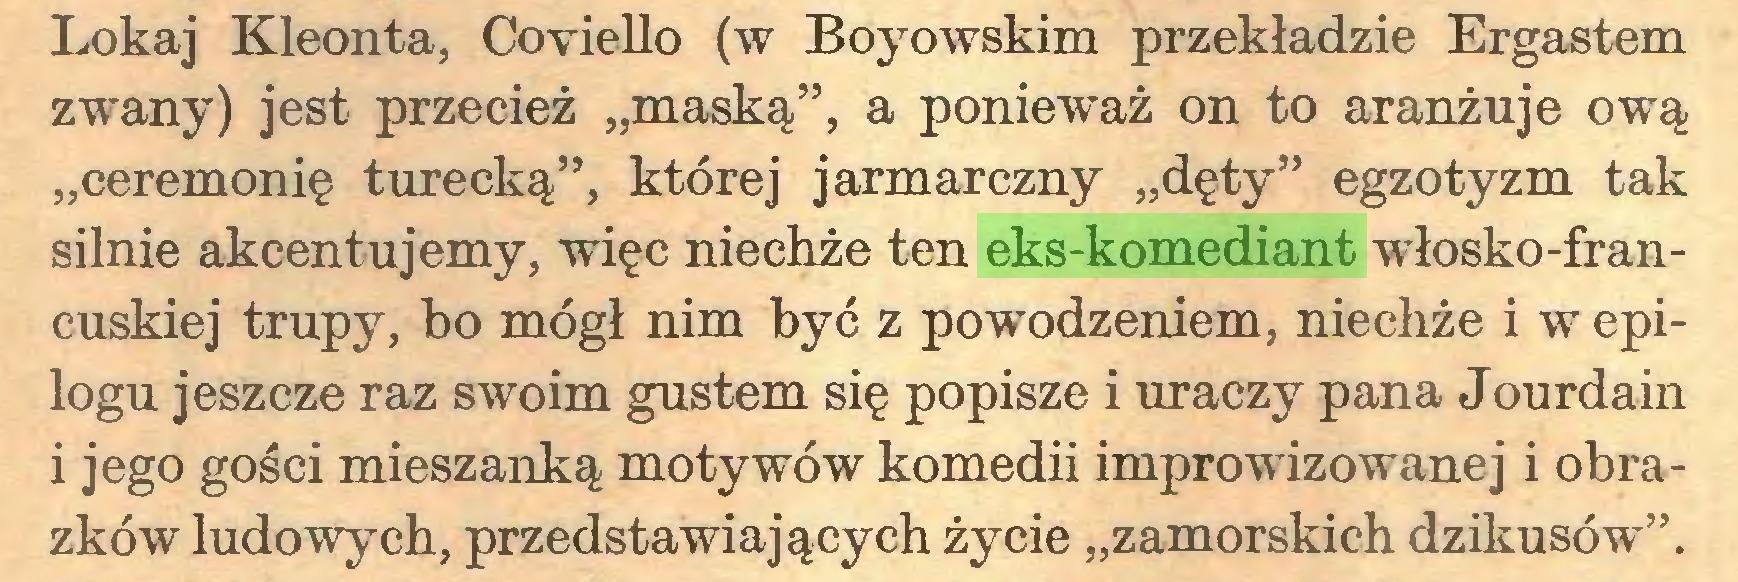 """(...) Lokaj Kleonta, Coviello (w Boyowskim przekładzie Ergastem zwany) jest przecież """"maską"""", a ponieważ on to aranżuje ową """"ceremonię turecką"""", której jarmarczny """"dęty"""" egzotyzm tak silnie akcentujemy, więc niechże ten eks-komediant włosko-francuskiej trupy, ho mógł nim być z pow odzeniem, niechże i w epilogu jeszcze raz swoim gustem się popisze i uraczy pana Jourdain i jego gości mieszanką motywów komedii improwizowanej i obrazków ludowych, przedstawiających życie """"zamorskich dzikusów""""..."""